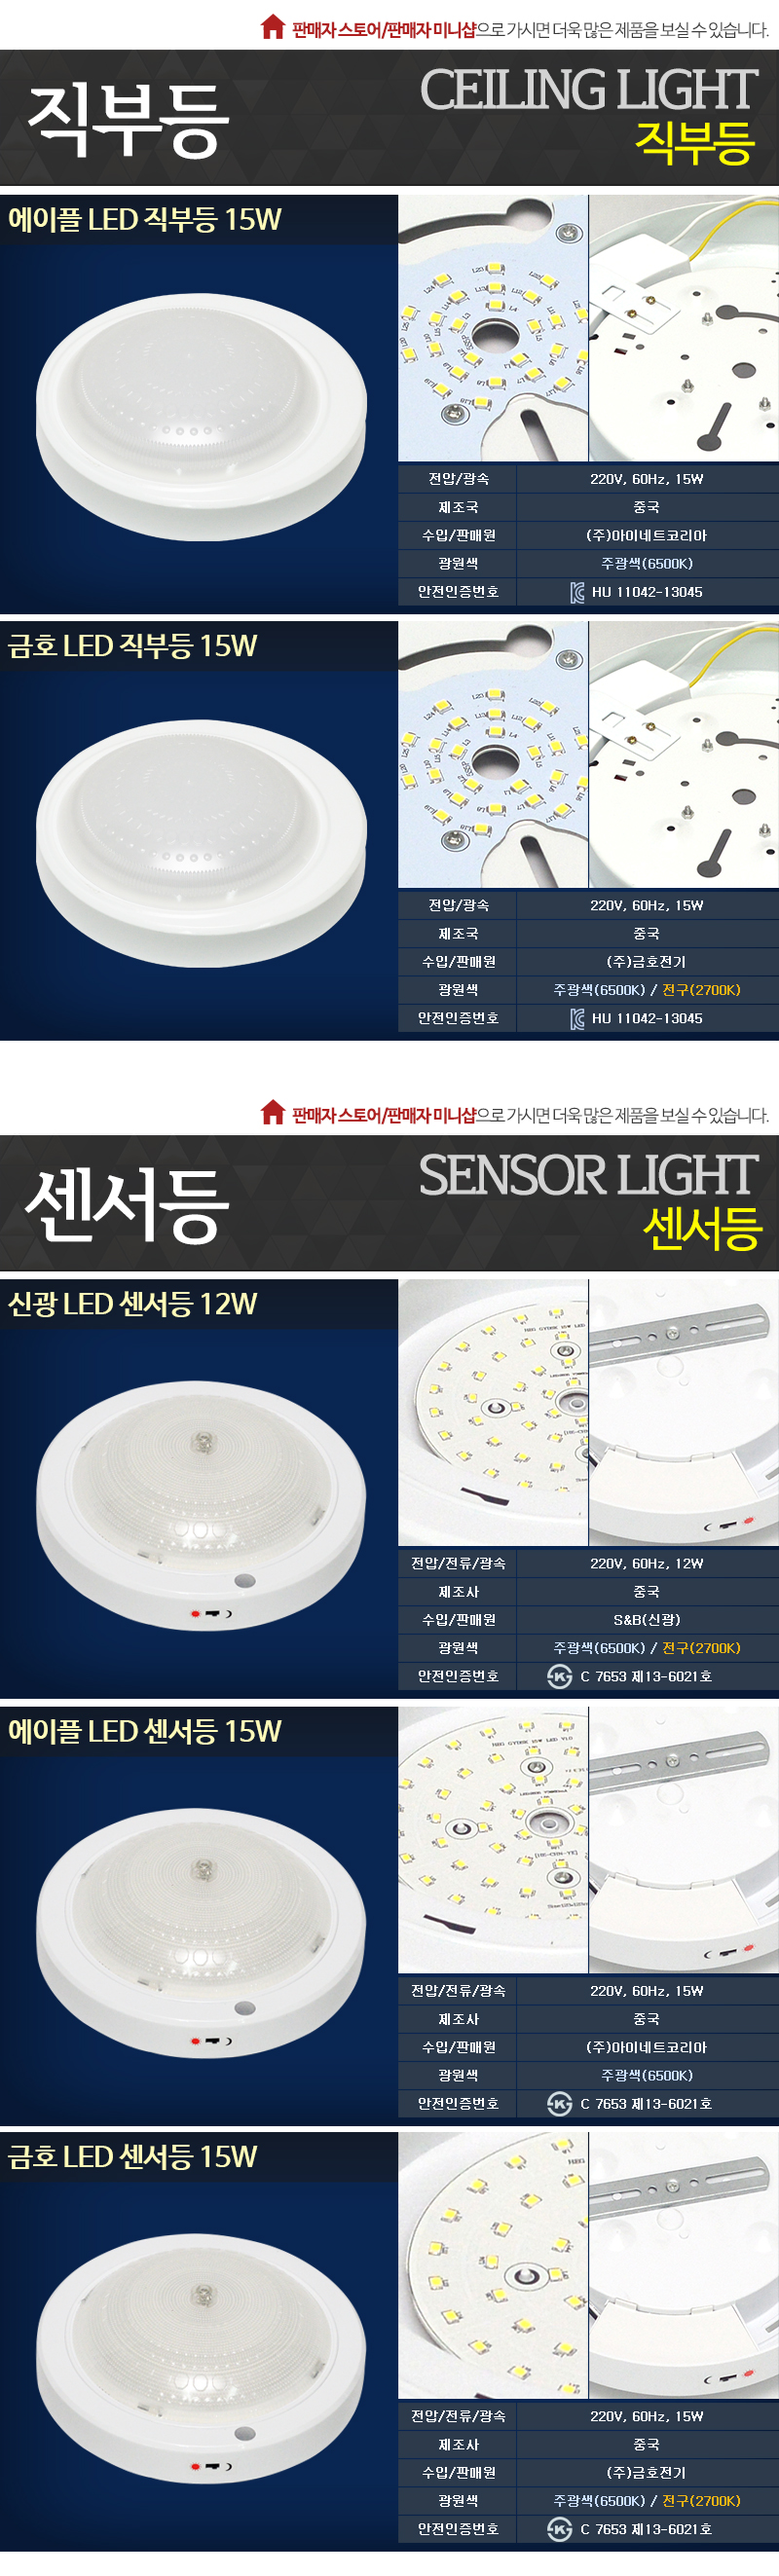 sensor_light.jpg